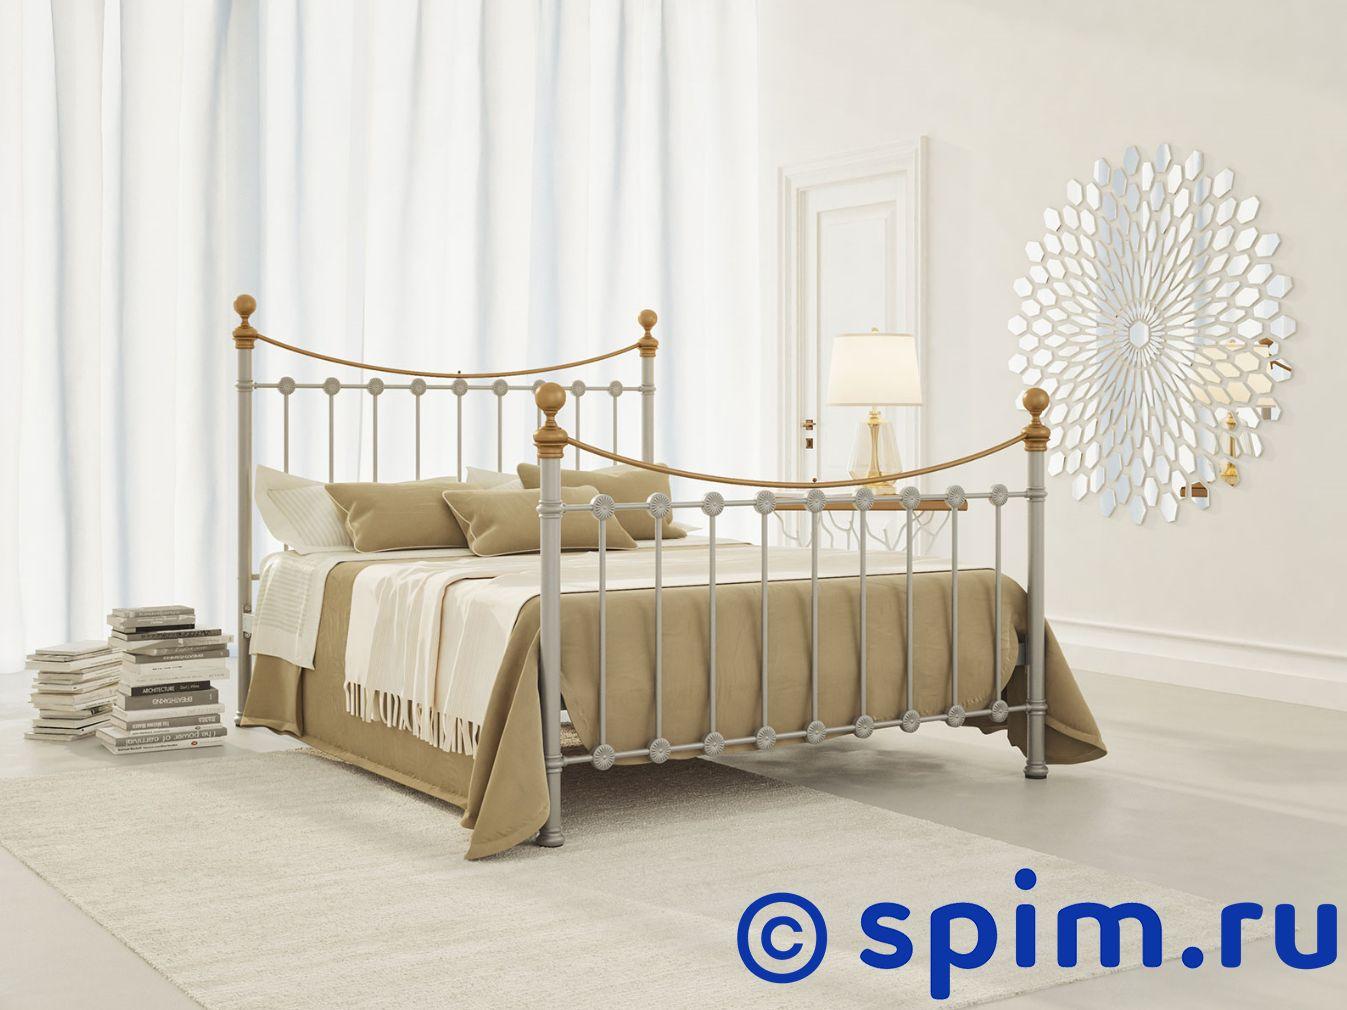 Кровать Originals by Dreamline First (2 спинки) 120х200 см матрас dreamline springless soft slim 90х195 см